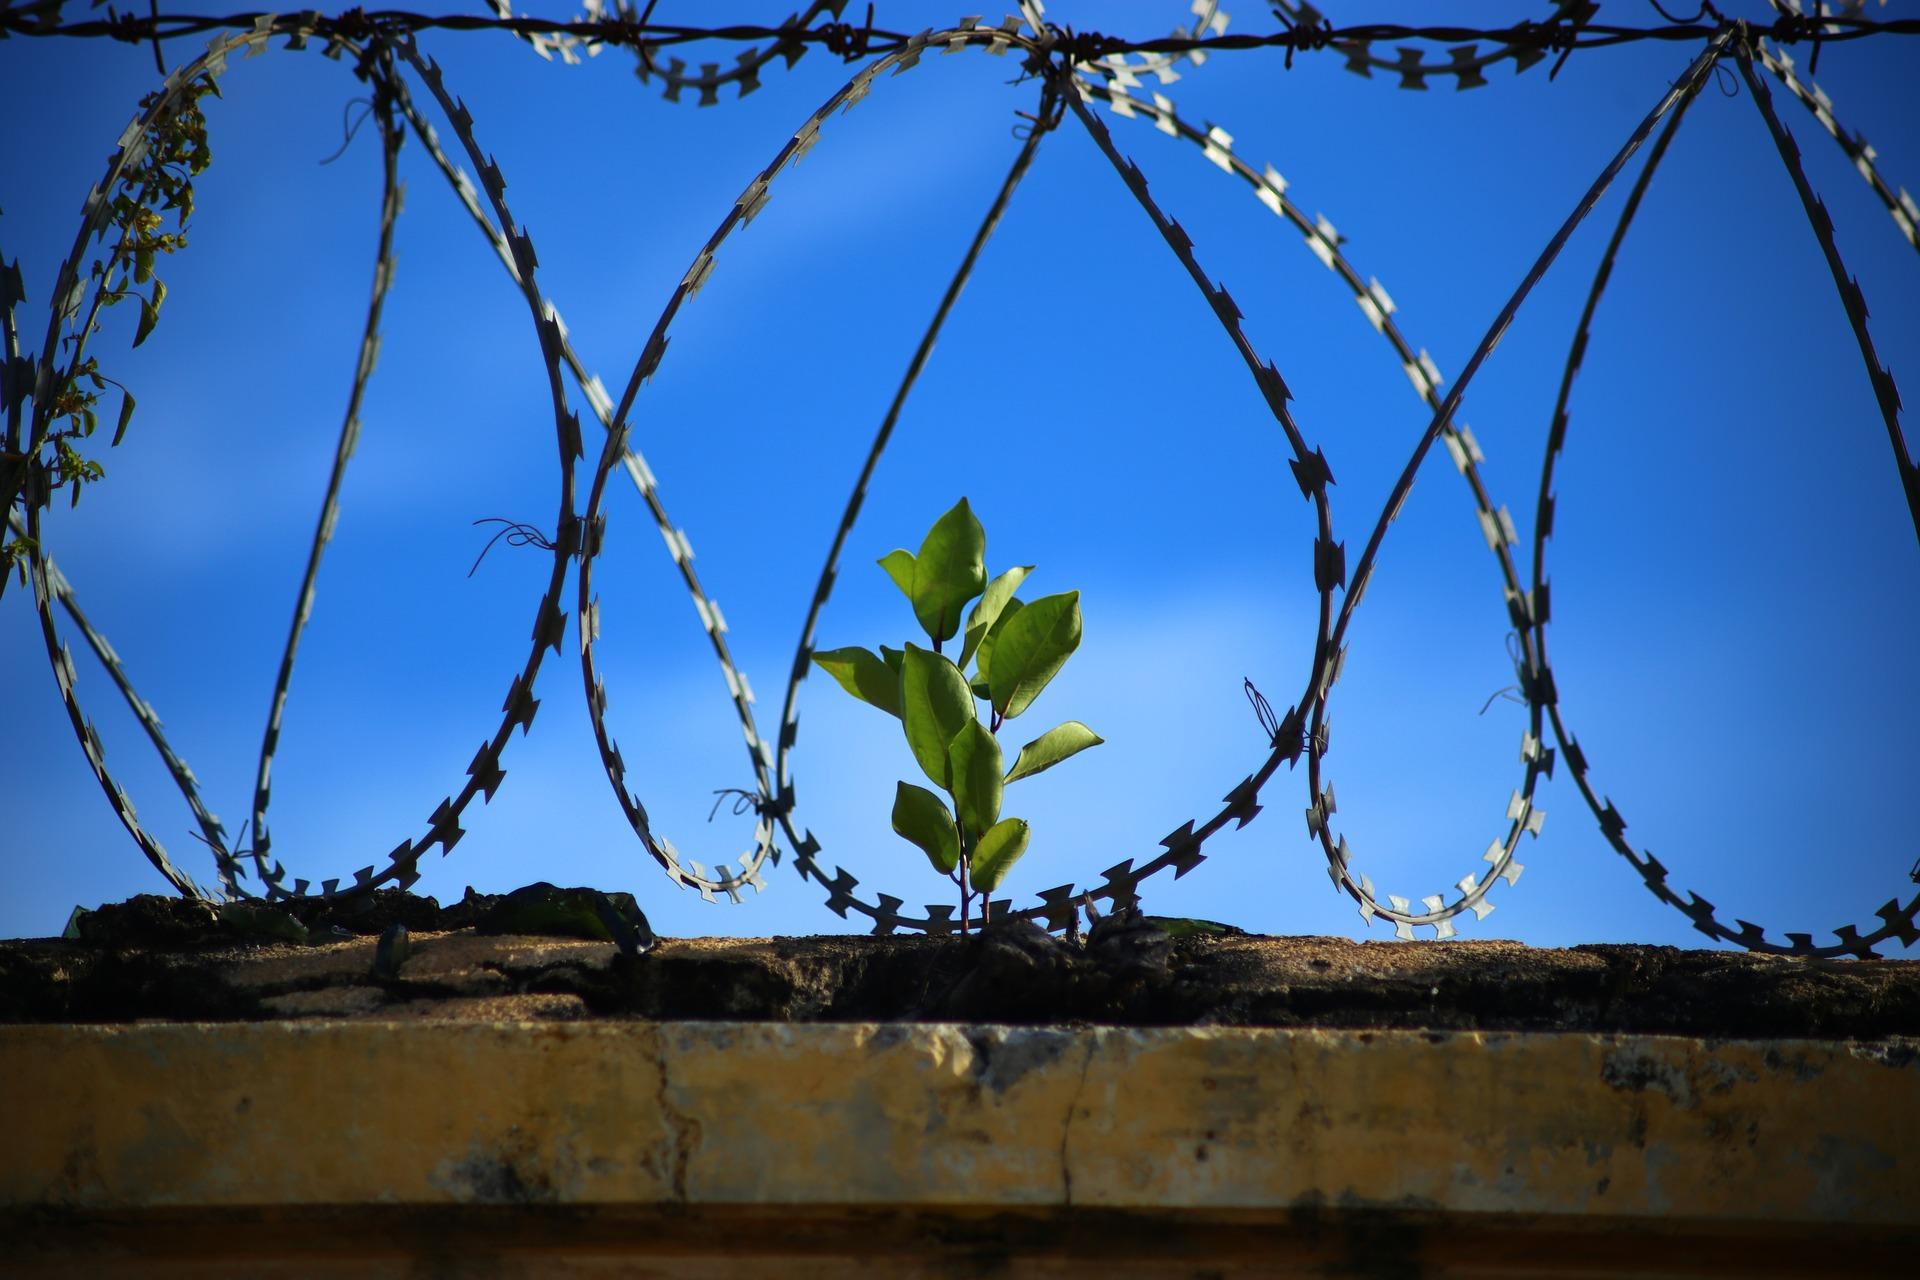 Khutbah Jumat Singkat: Kemerdekaan Sejati